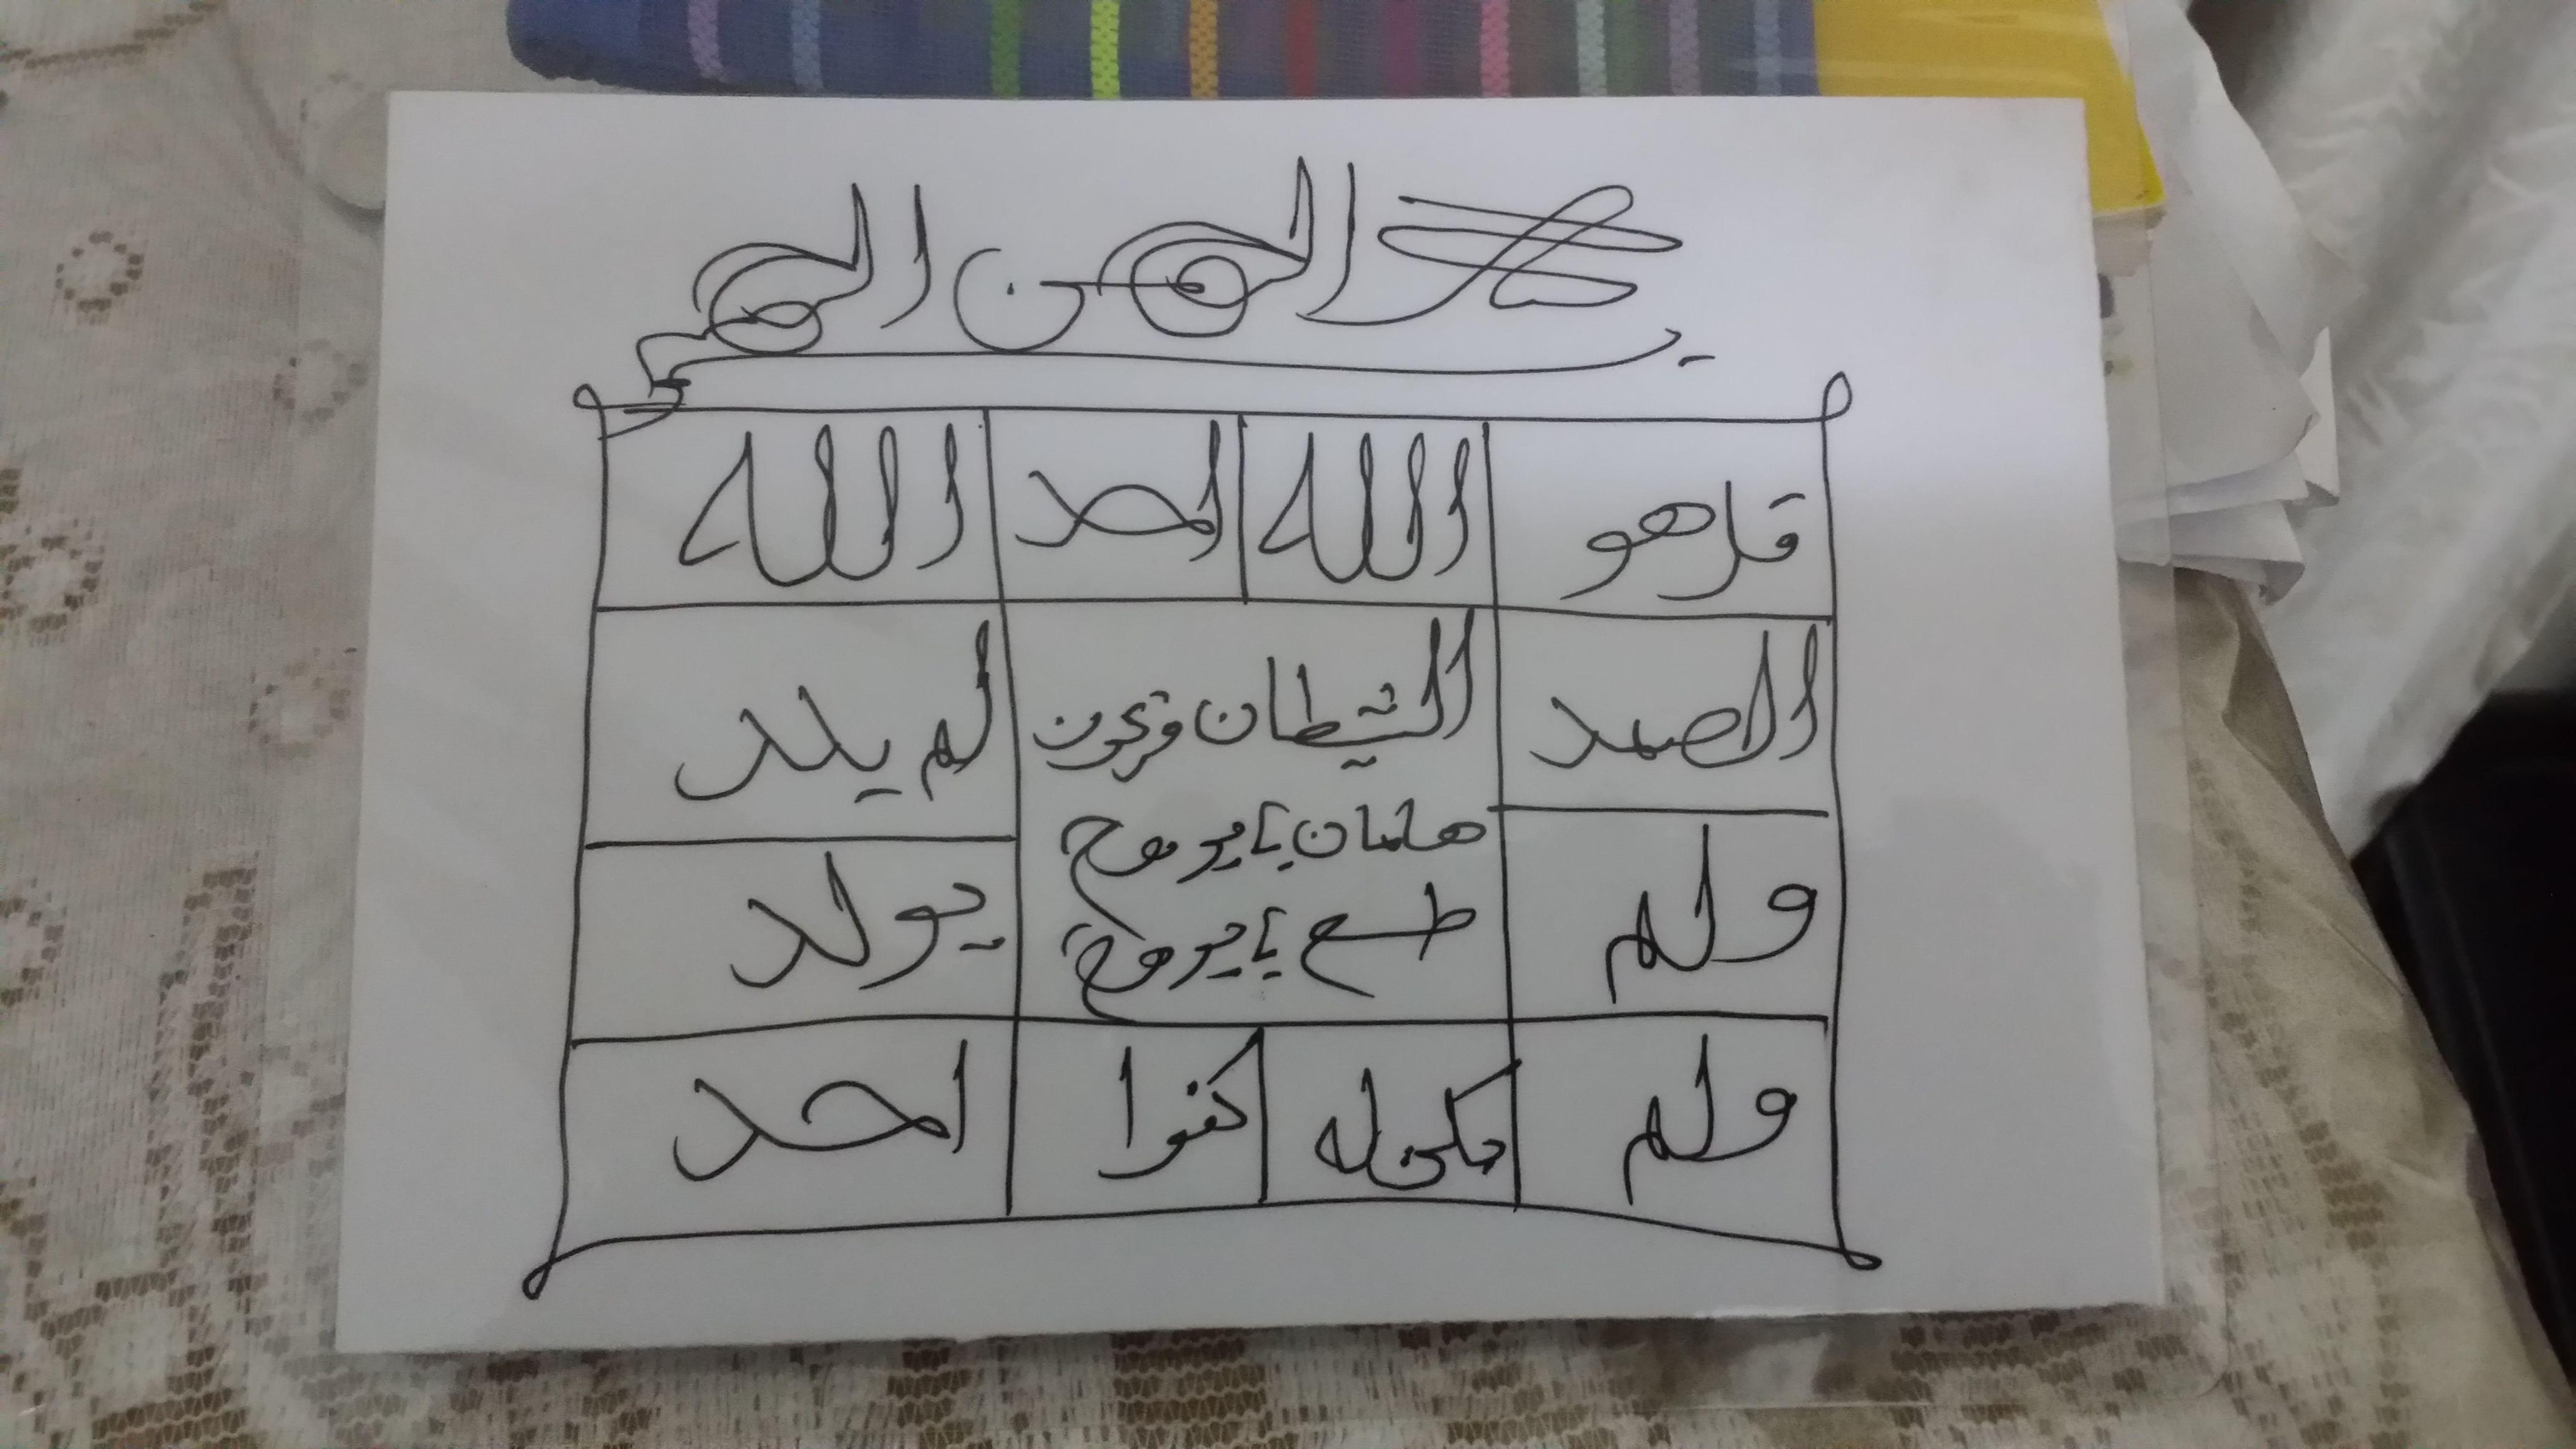 دواء فعال في علاج النسيان وفقدان الذاكرة ولسرعة الحفظ Arabic Books Books Free Download Pdf Islam